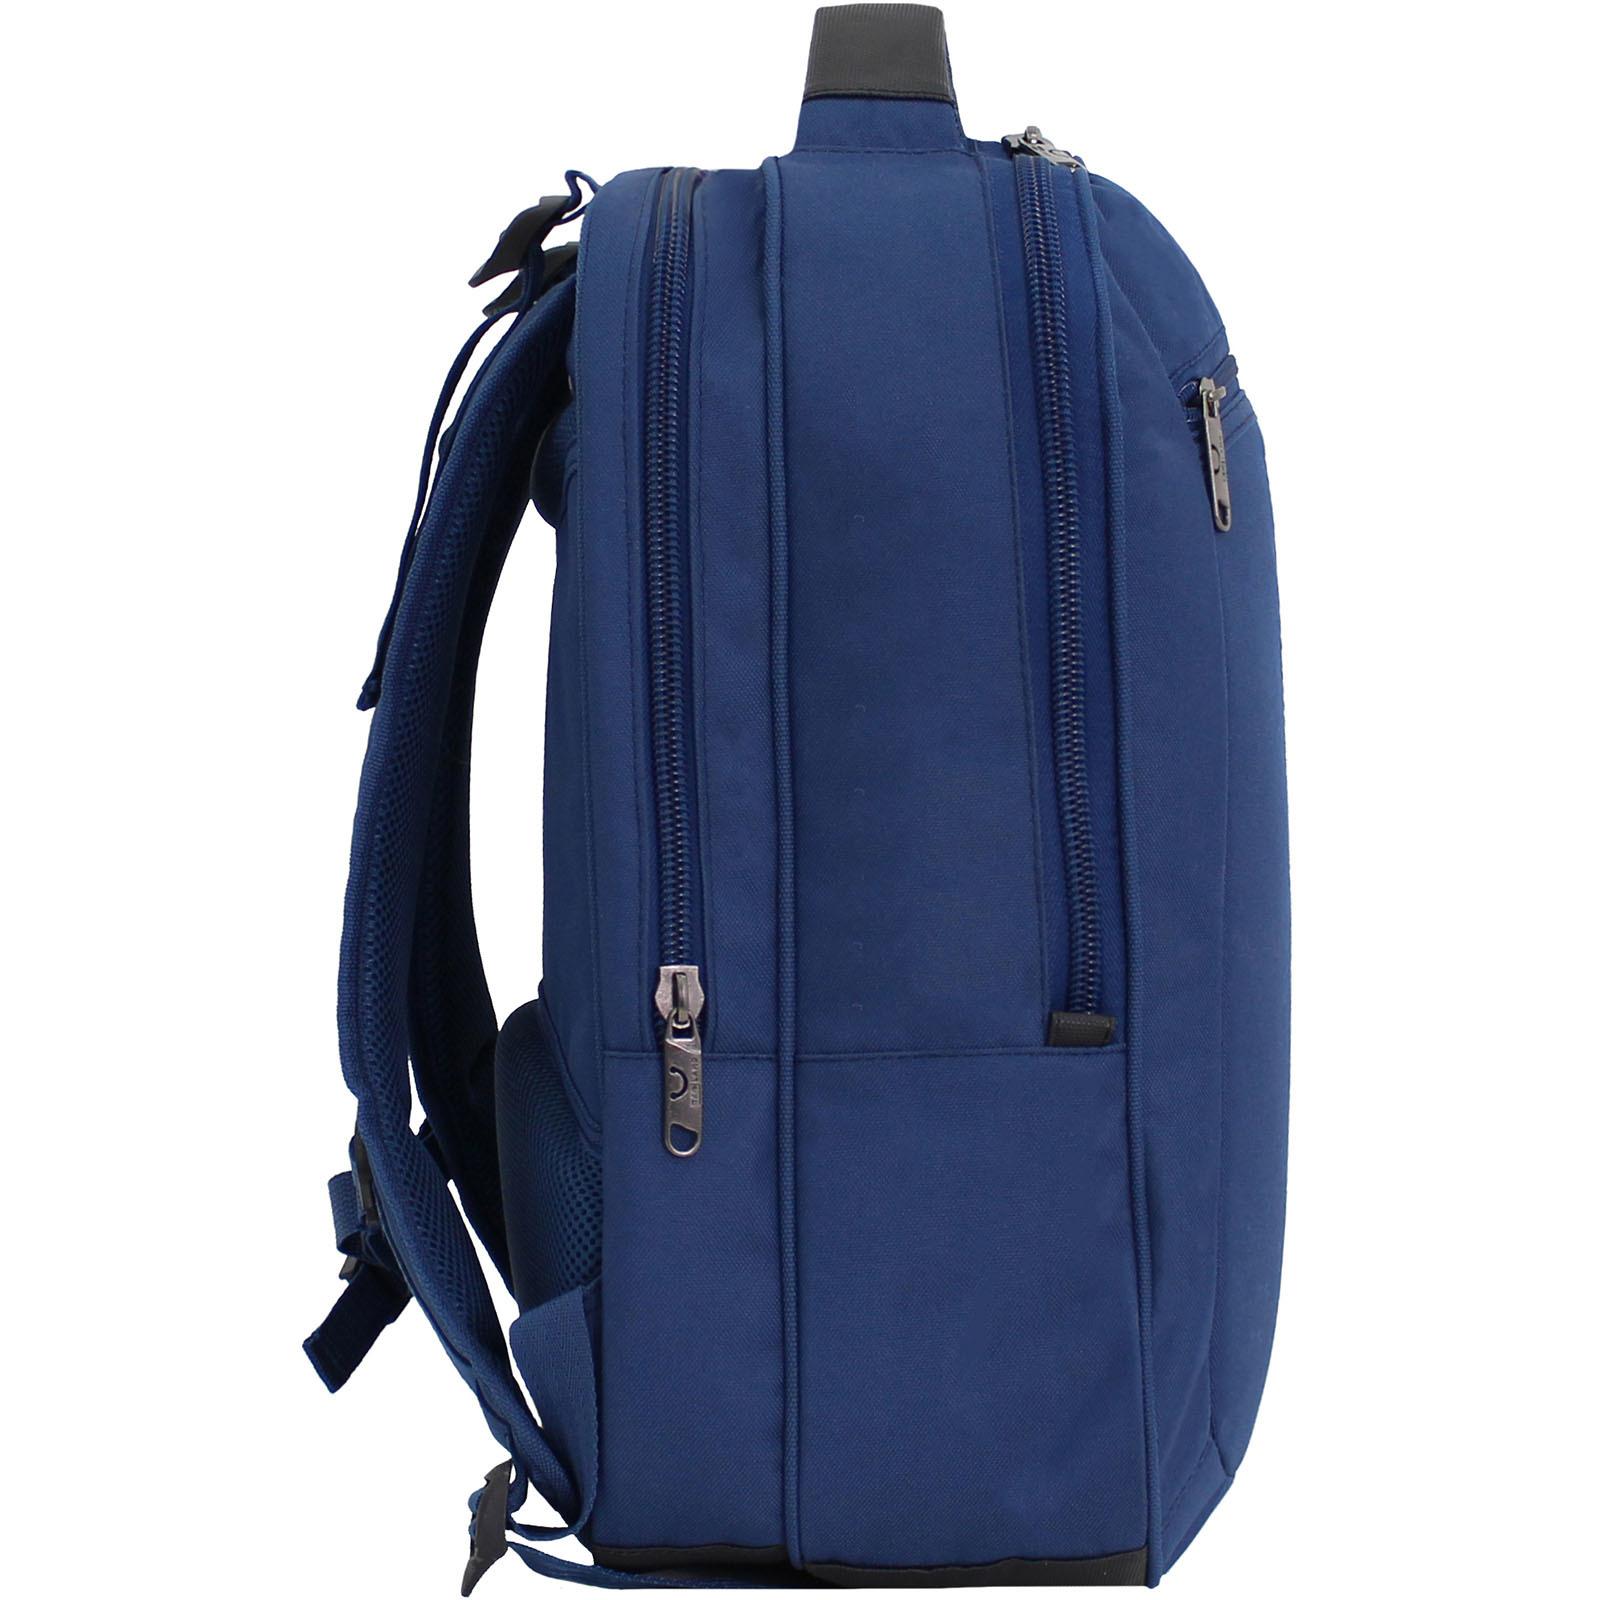 Рюкзак для ноутбука Bagland Рюкзак под ноутбук 536 22 л. Синий (0053666) фото 2